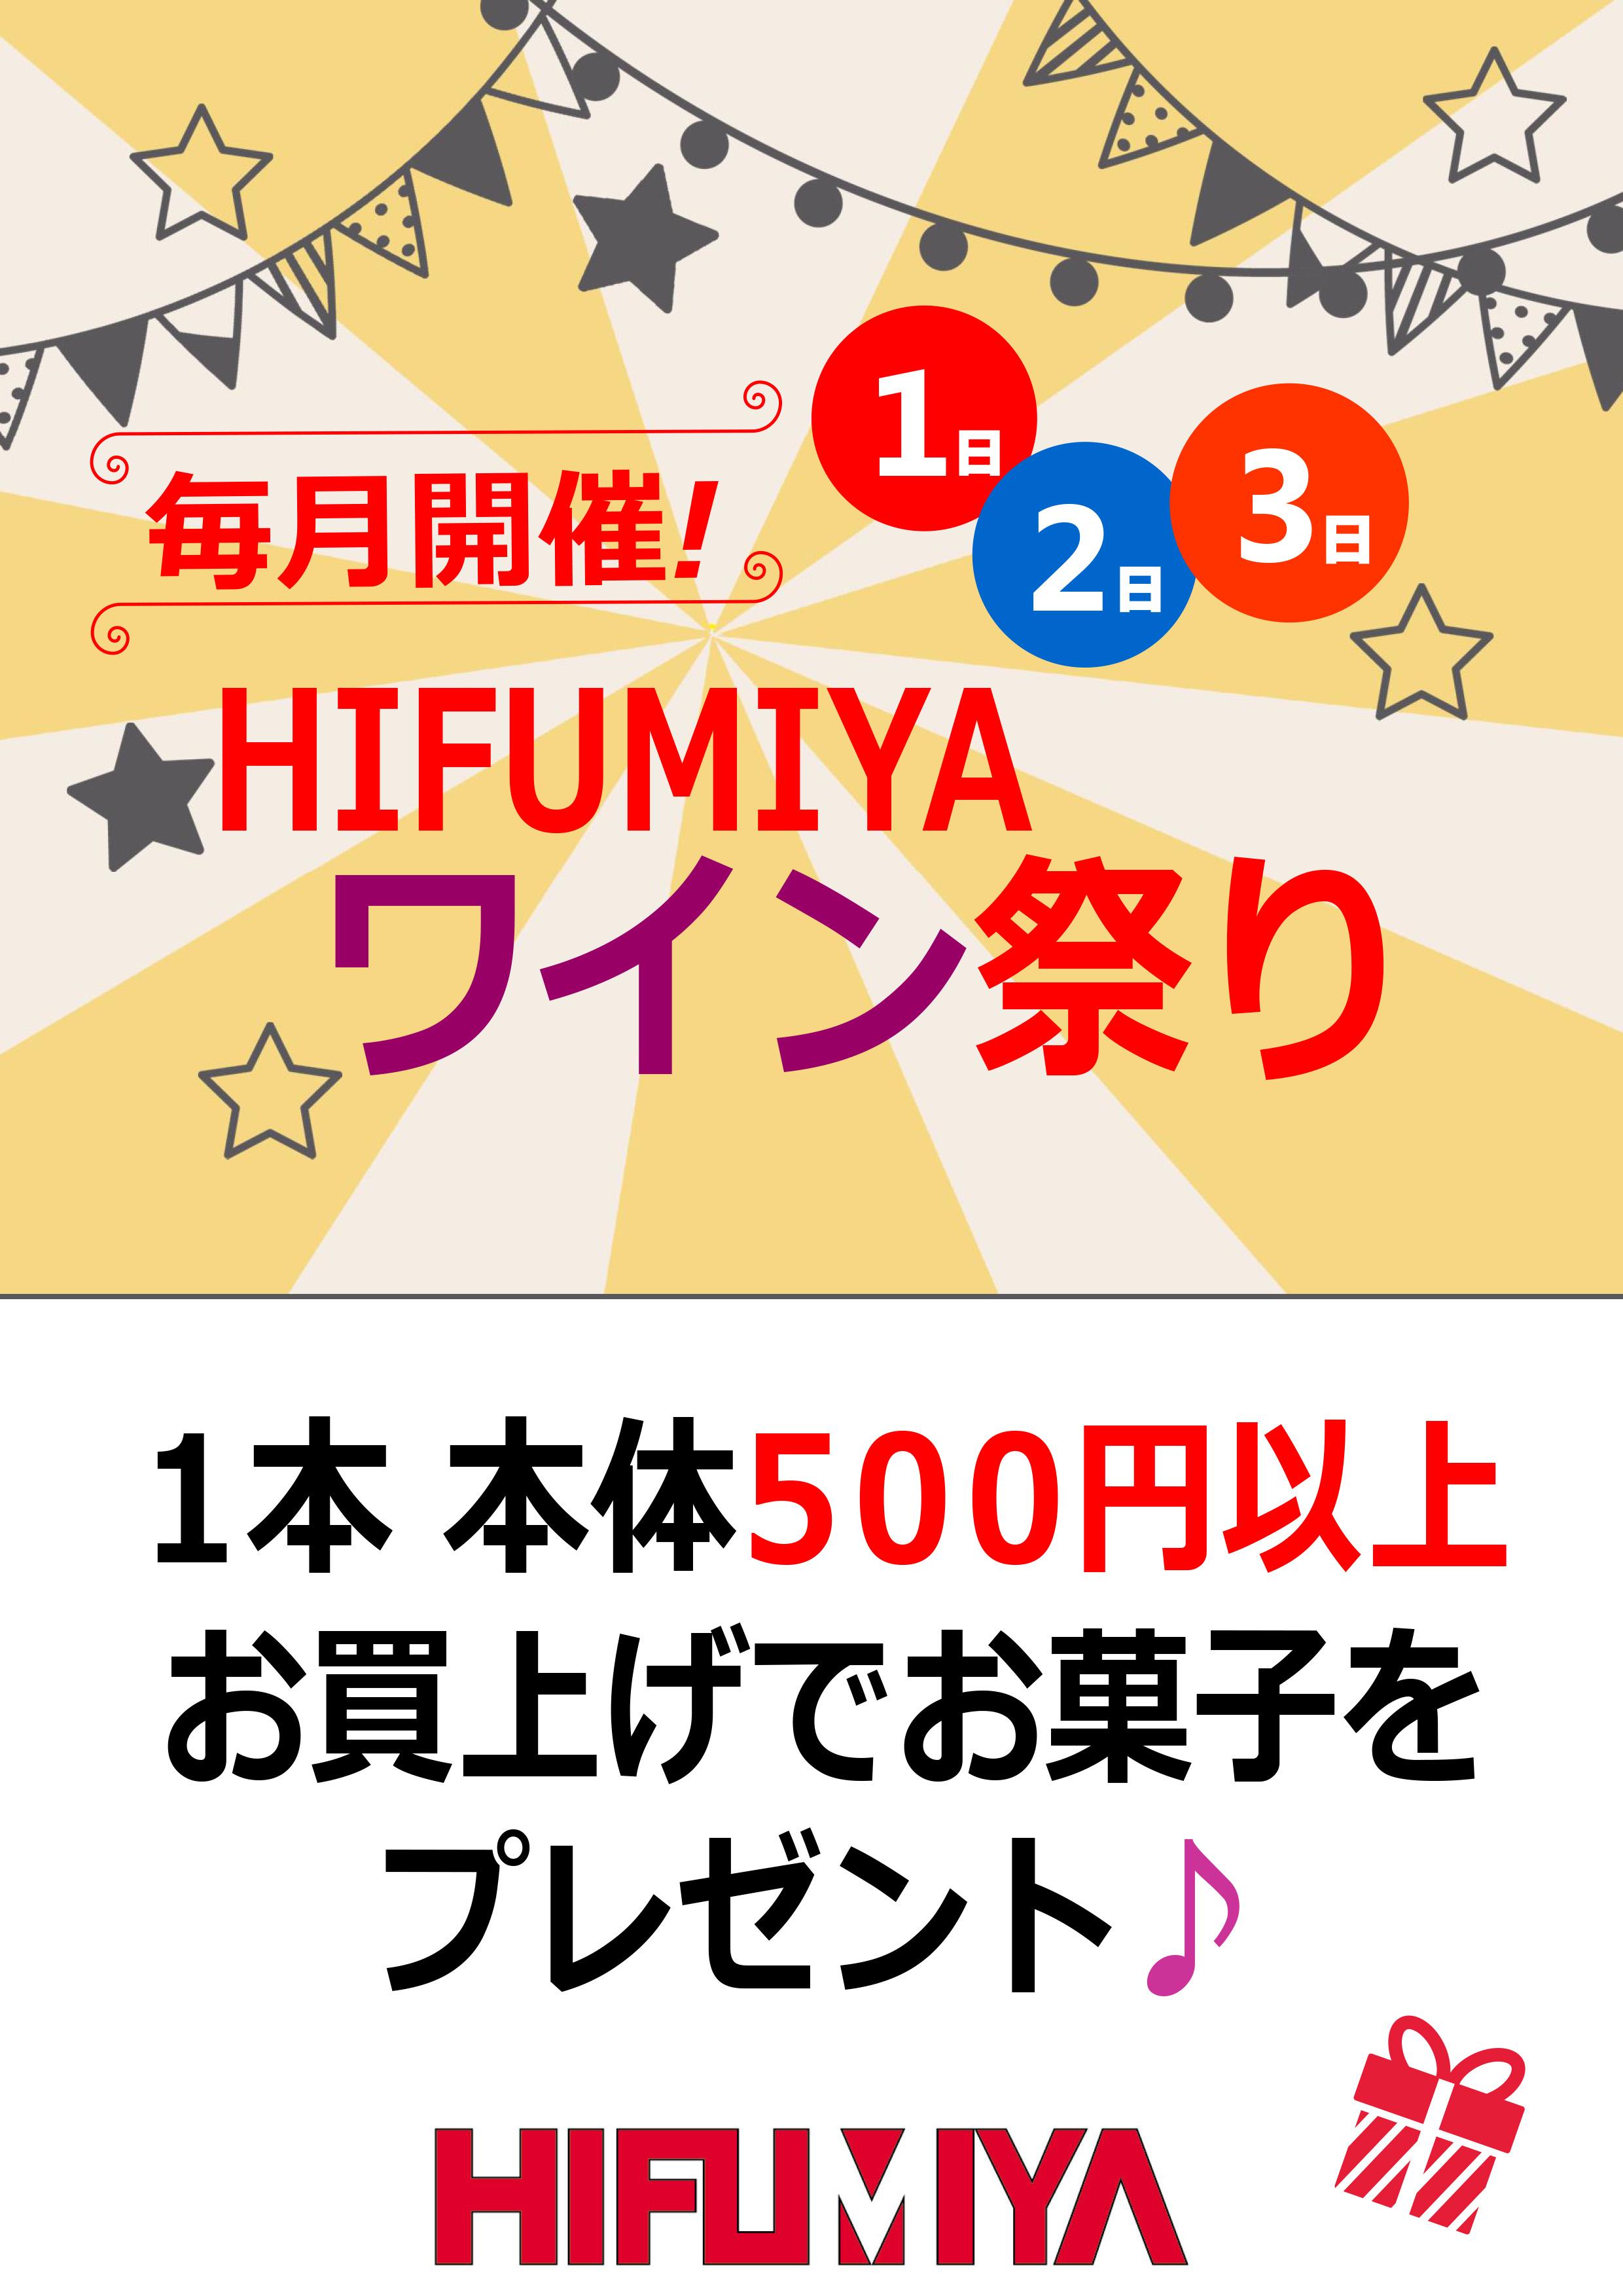 【1・2・3日 はHIFUMIYAワイン祭り♪】